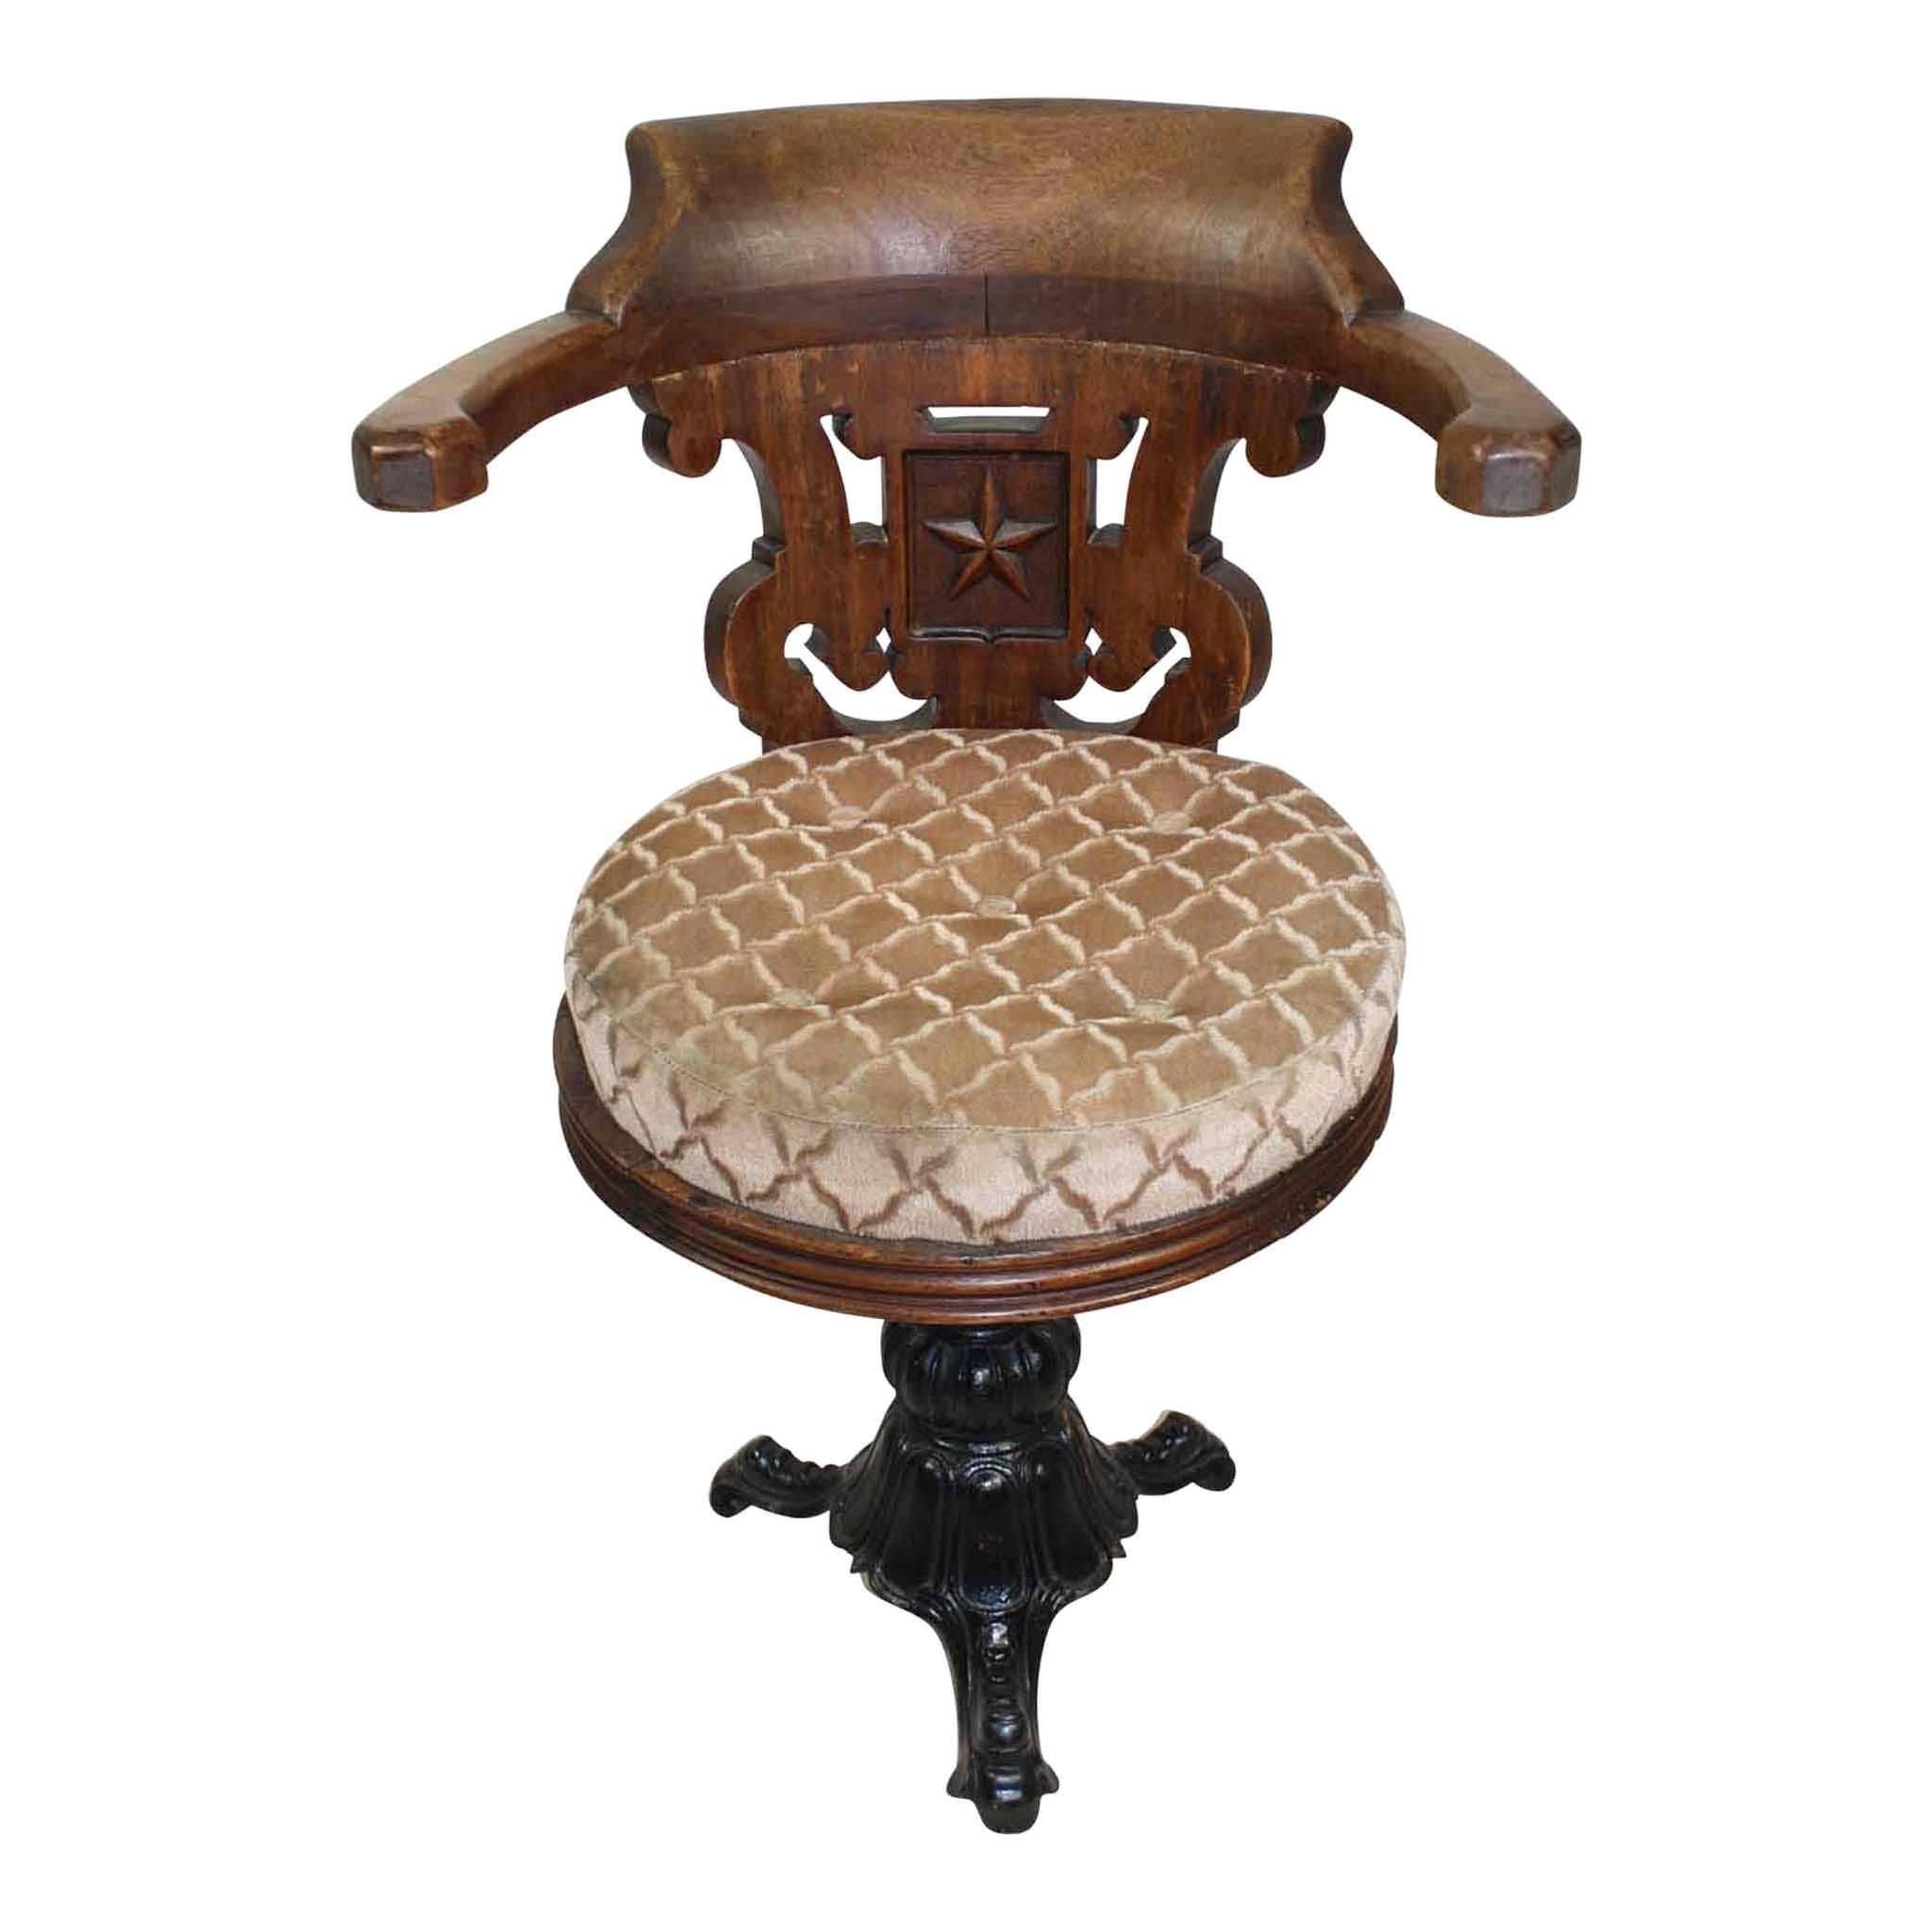 European Nautical Chair with Cast Iron Base, circa 1900